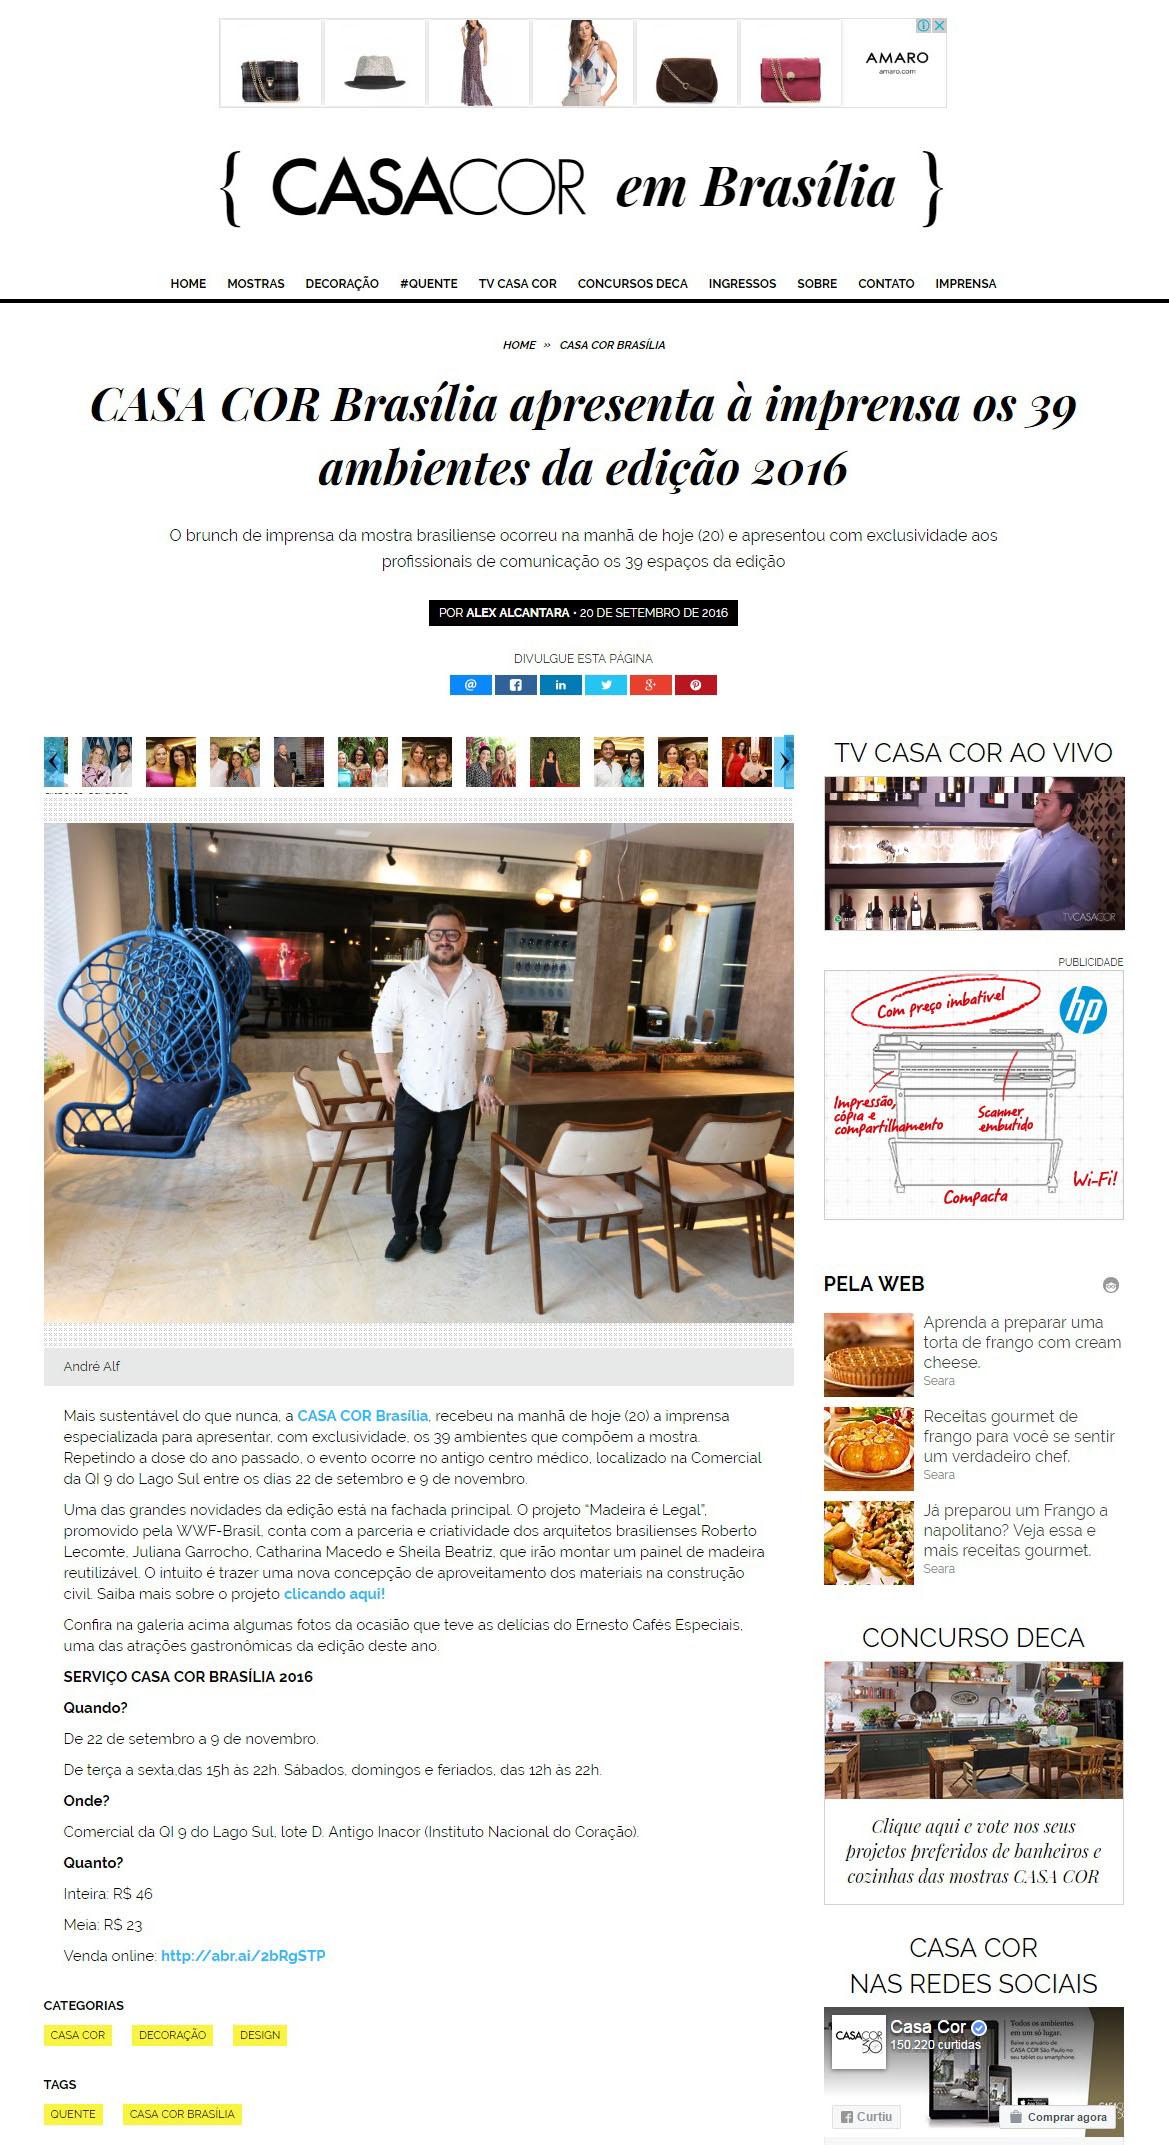 20_09_-casa-cor-brasilia-apresenta-a-imprensa-_-http___casa-abril-com-br_materia_cas